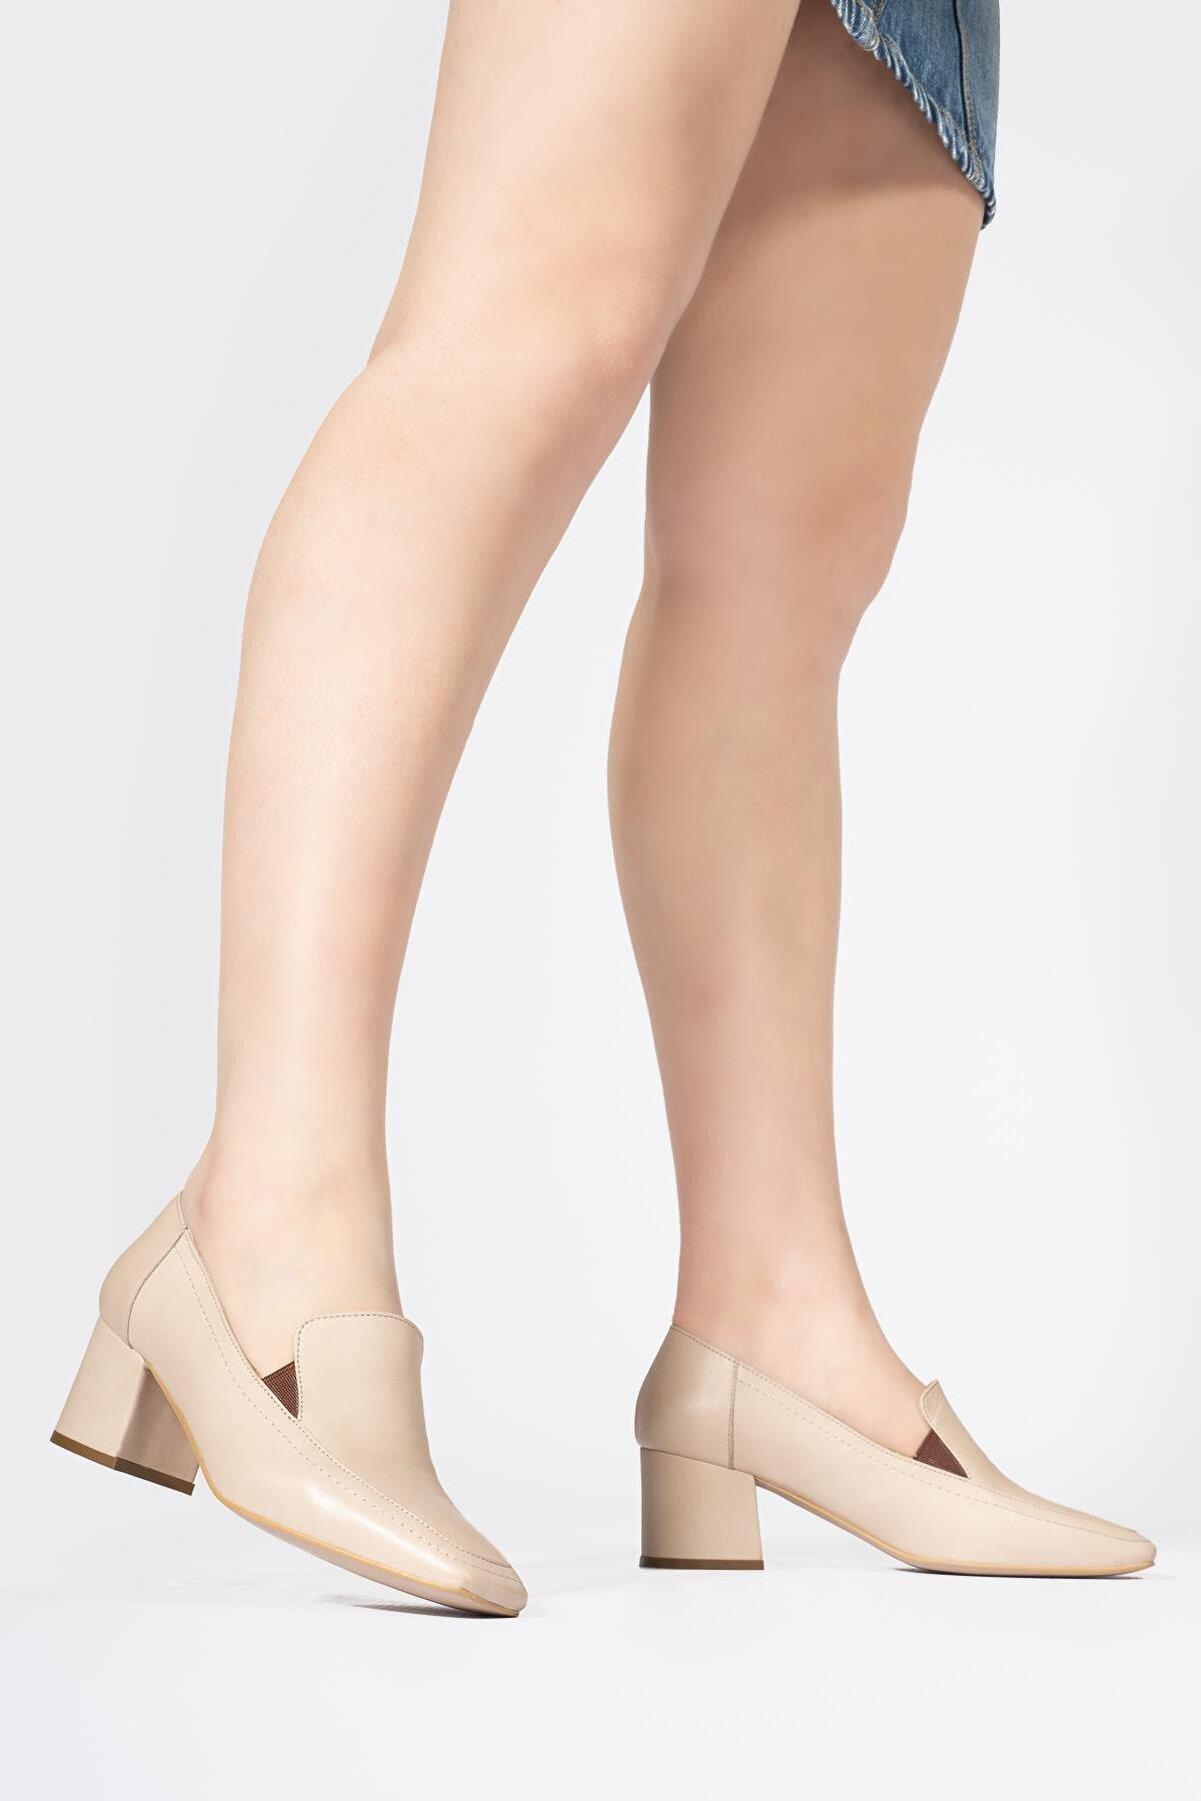 CZ London Kadın Bej Hakiki Deri Günlük Ayakkabı Küt Burun Klasik Düz Makosen